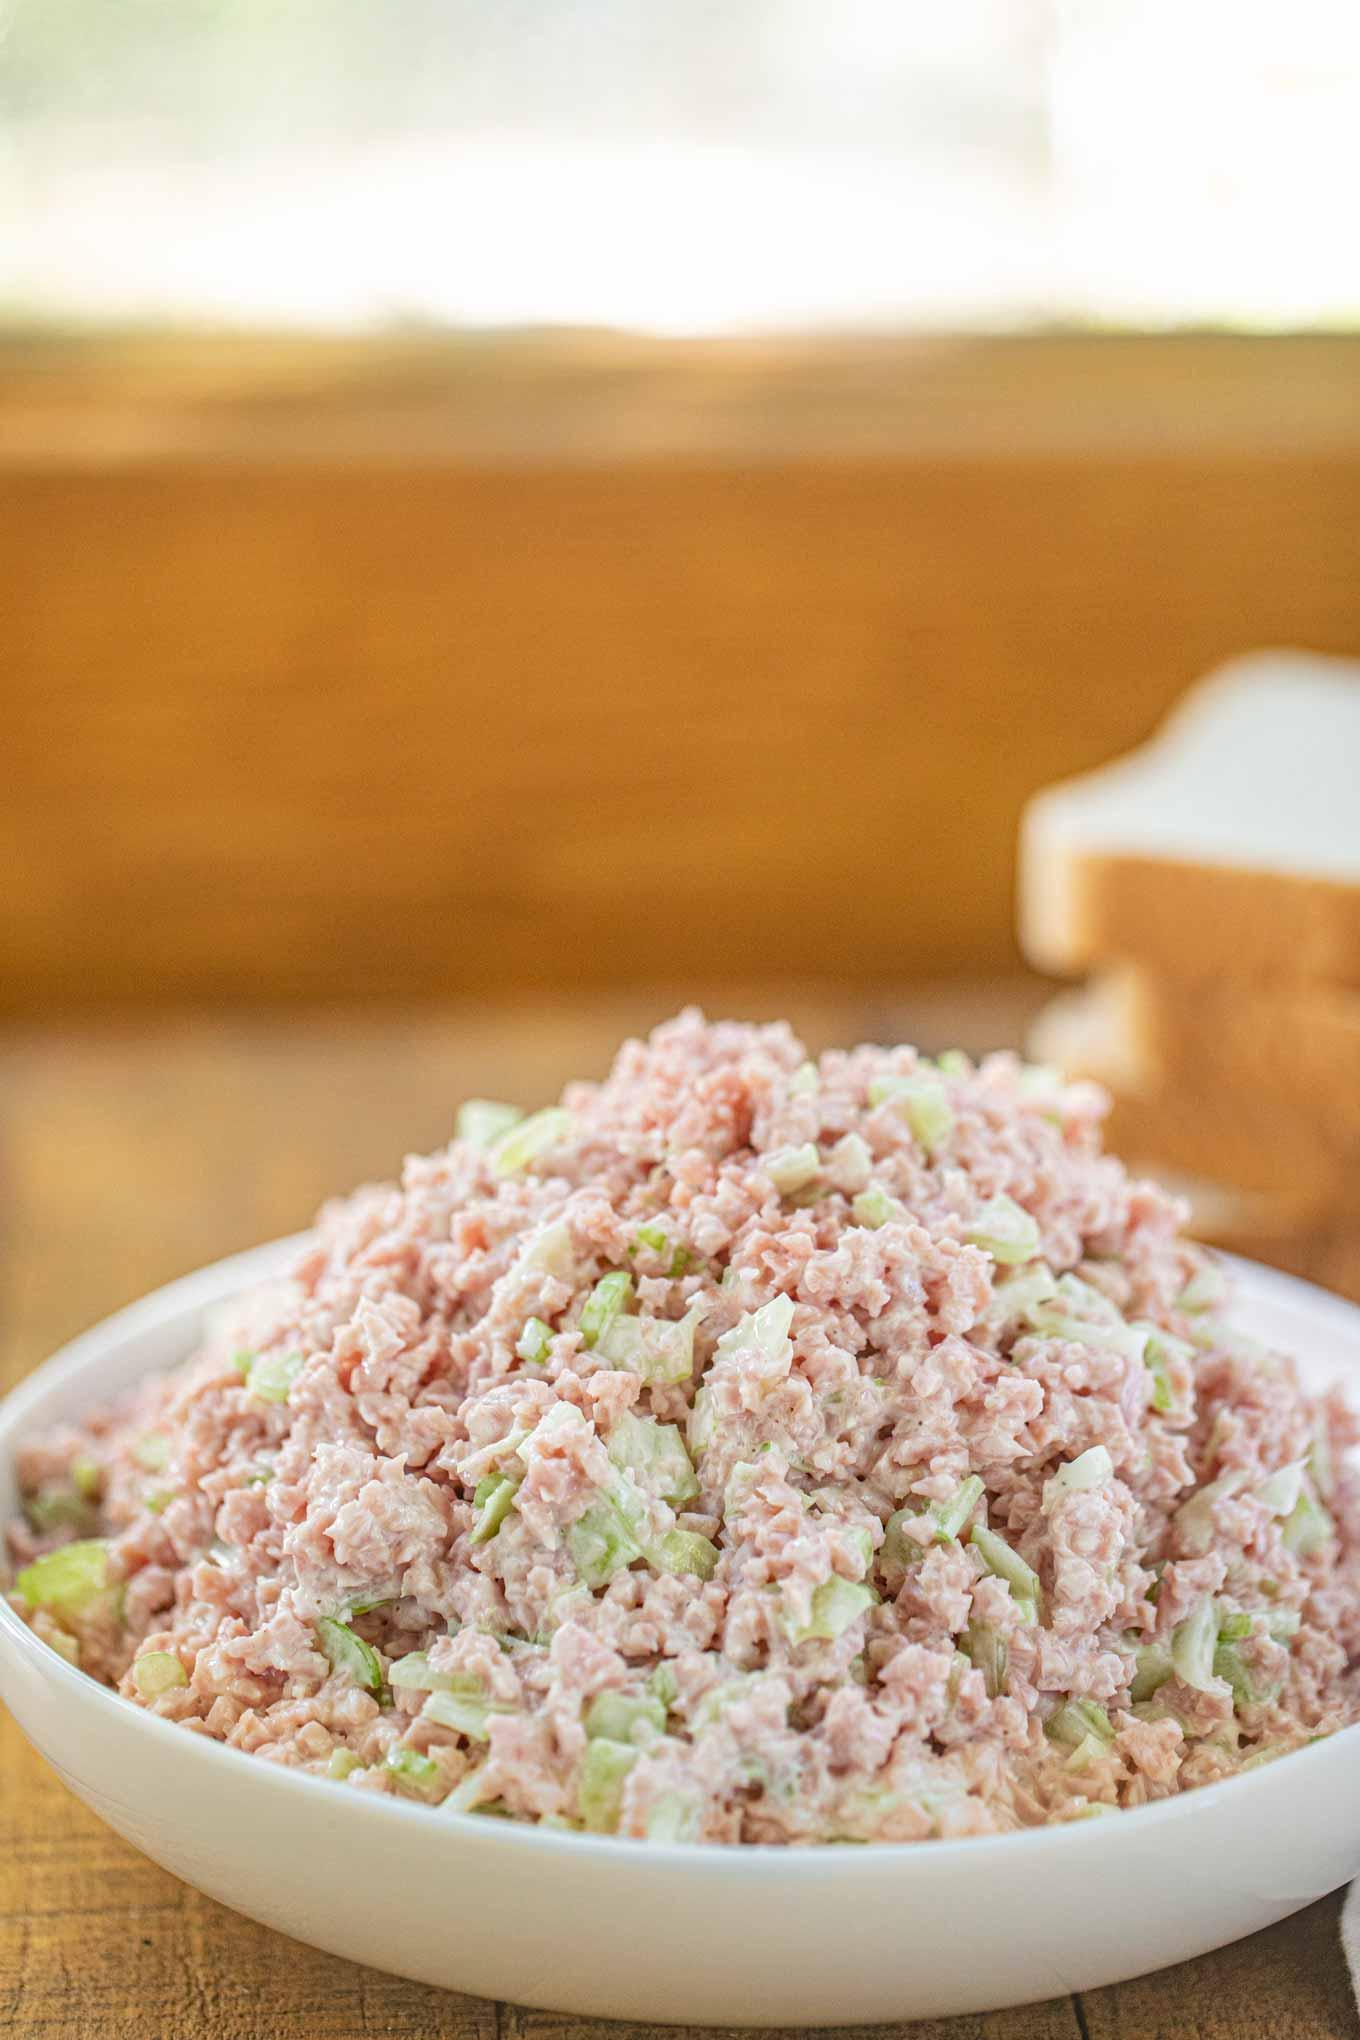 Ham Salad Recipe (Spread or Sandwiches) - Dinner, then Dessert